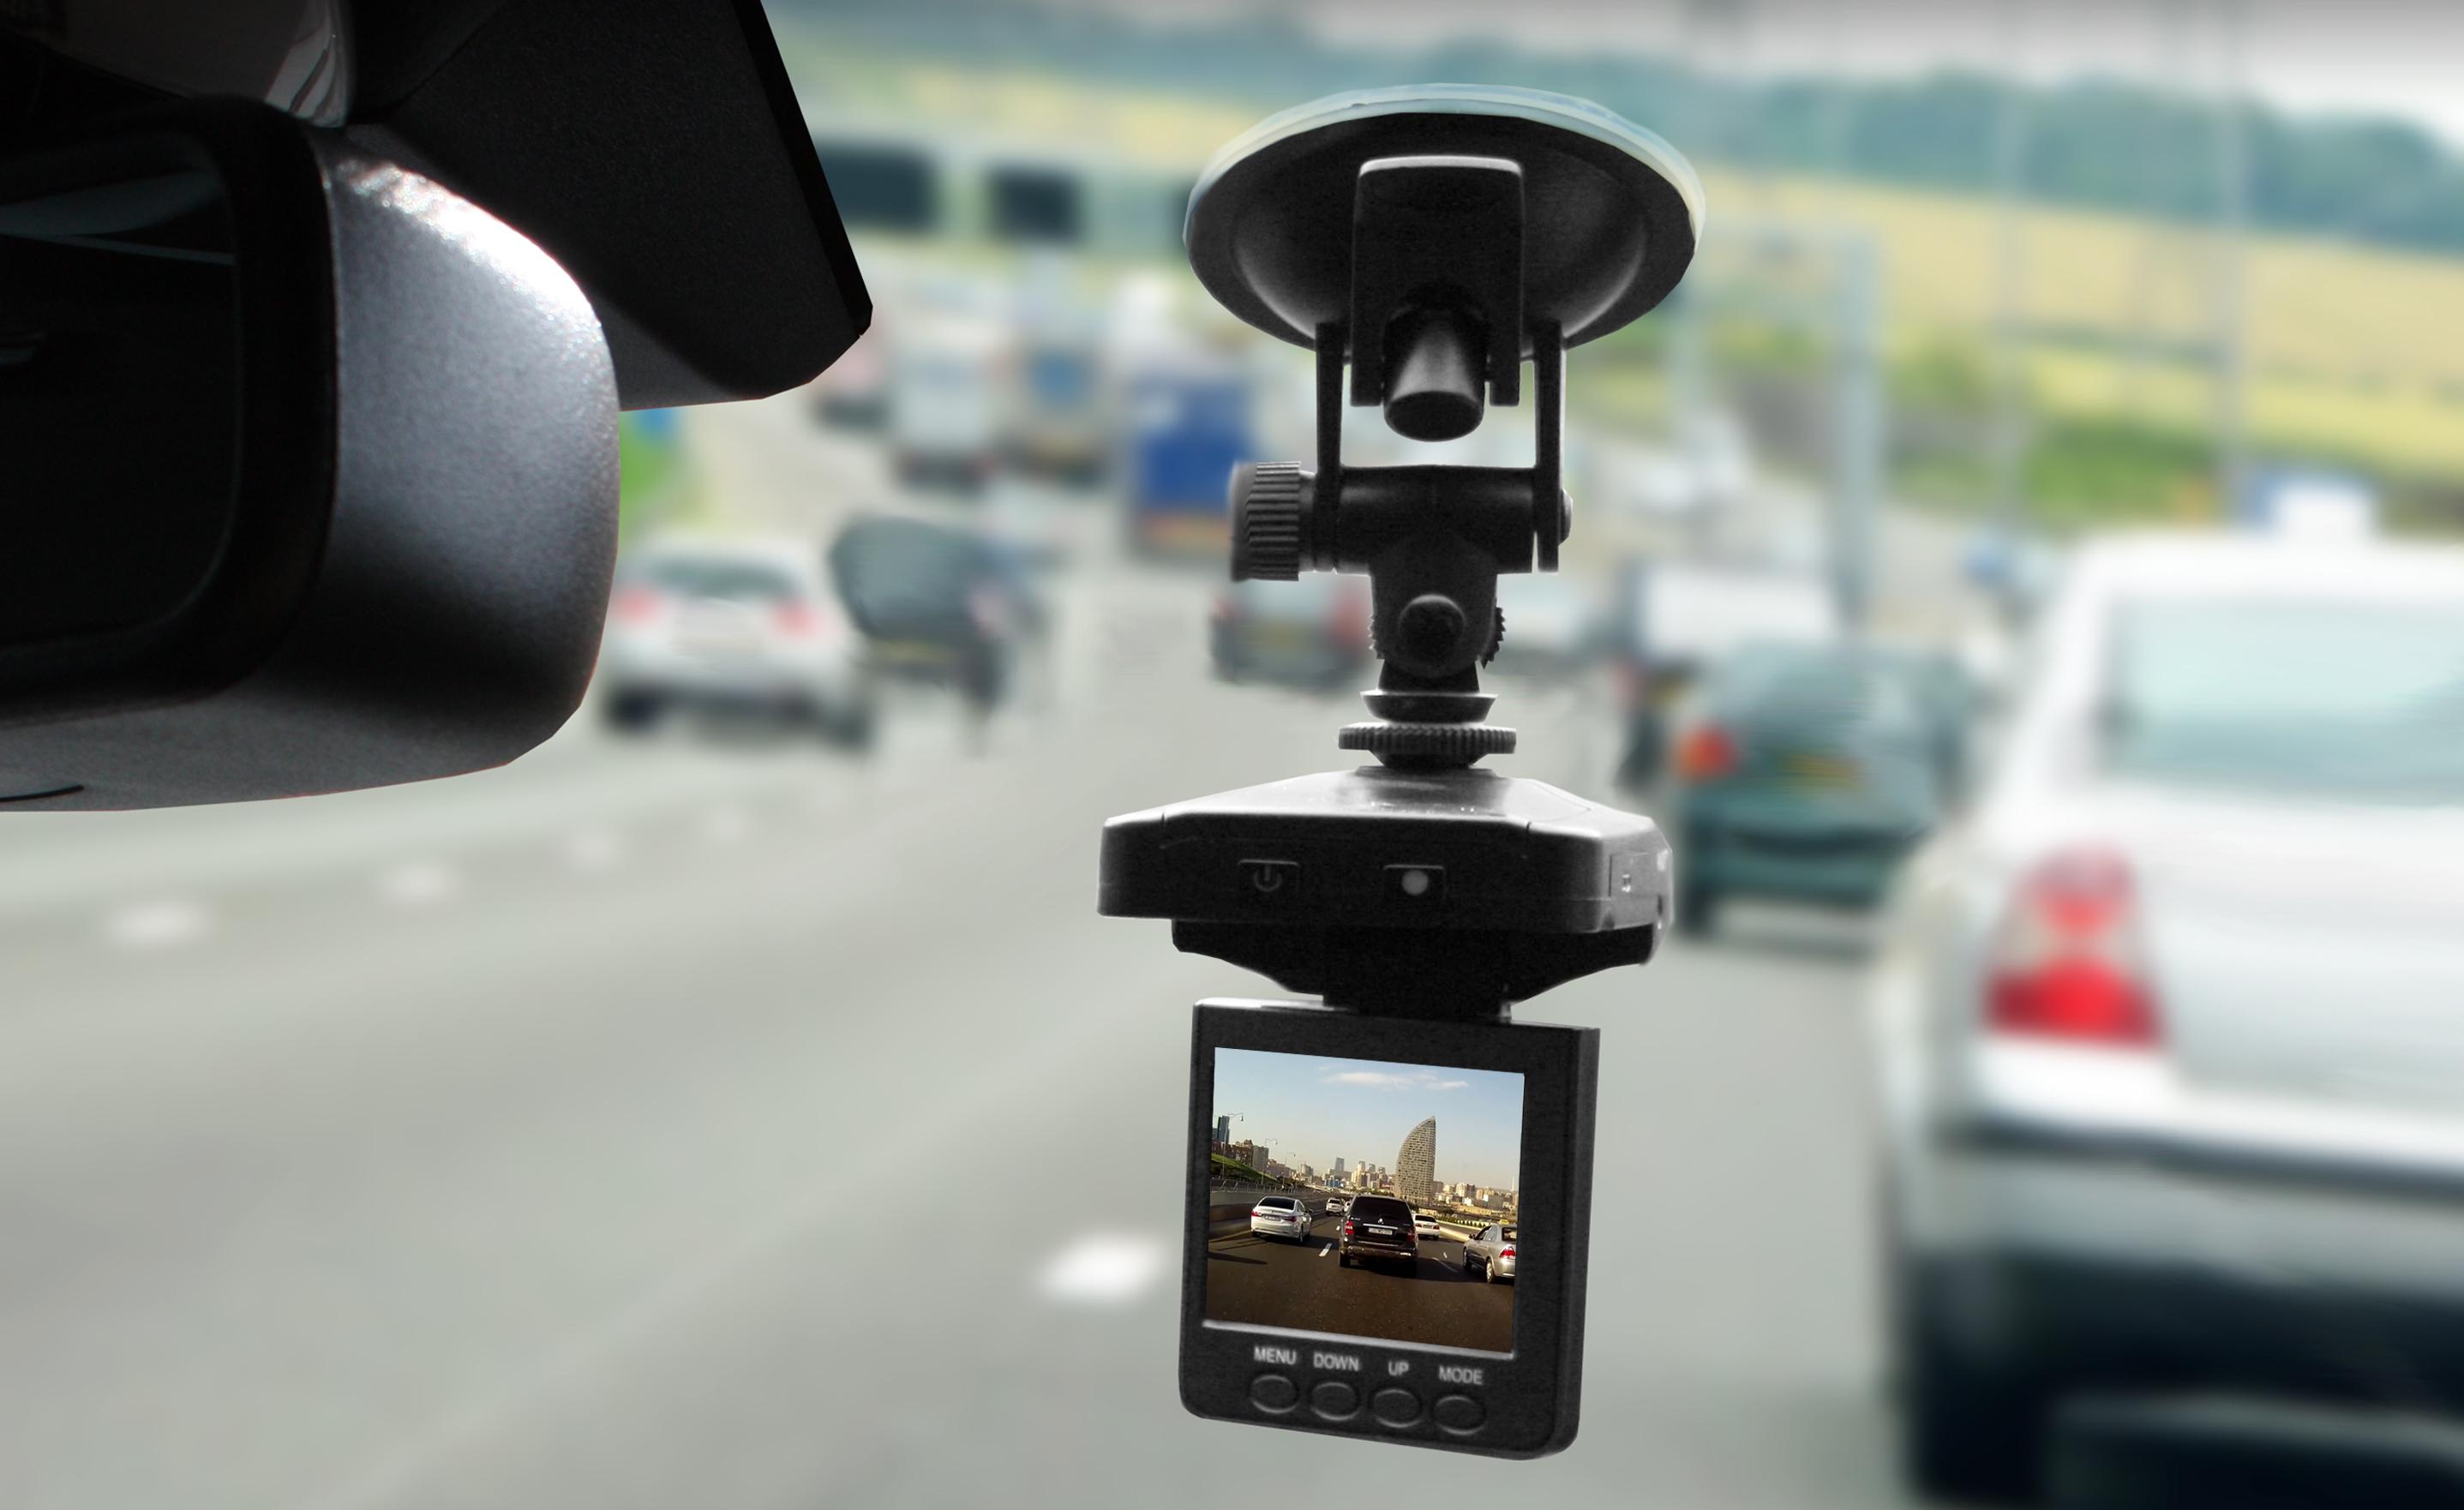 Покупаем видеорегистратор на что обратить внимание видеорегистратор cyfron dv-832xl